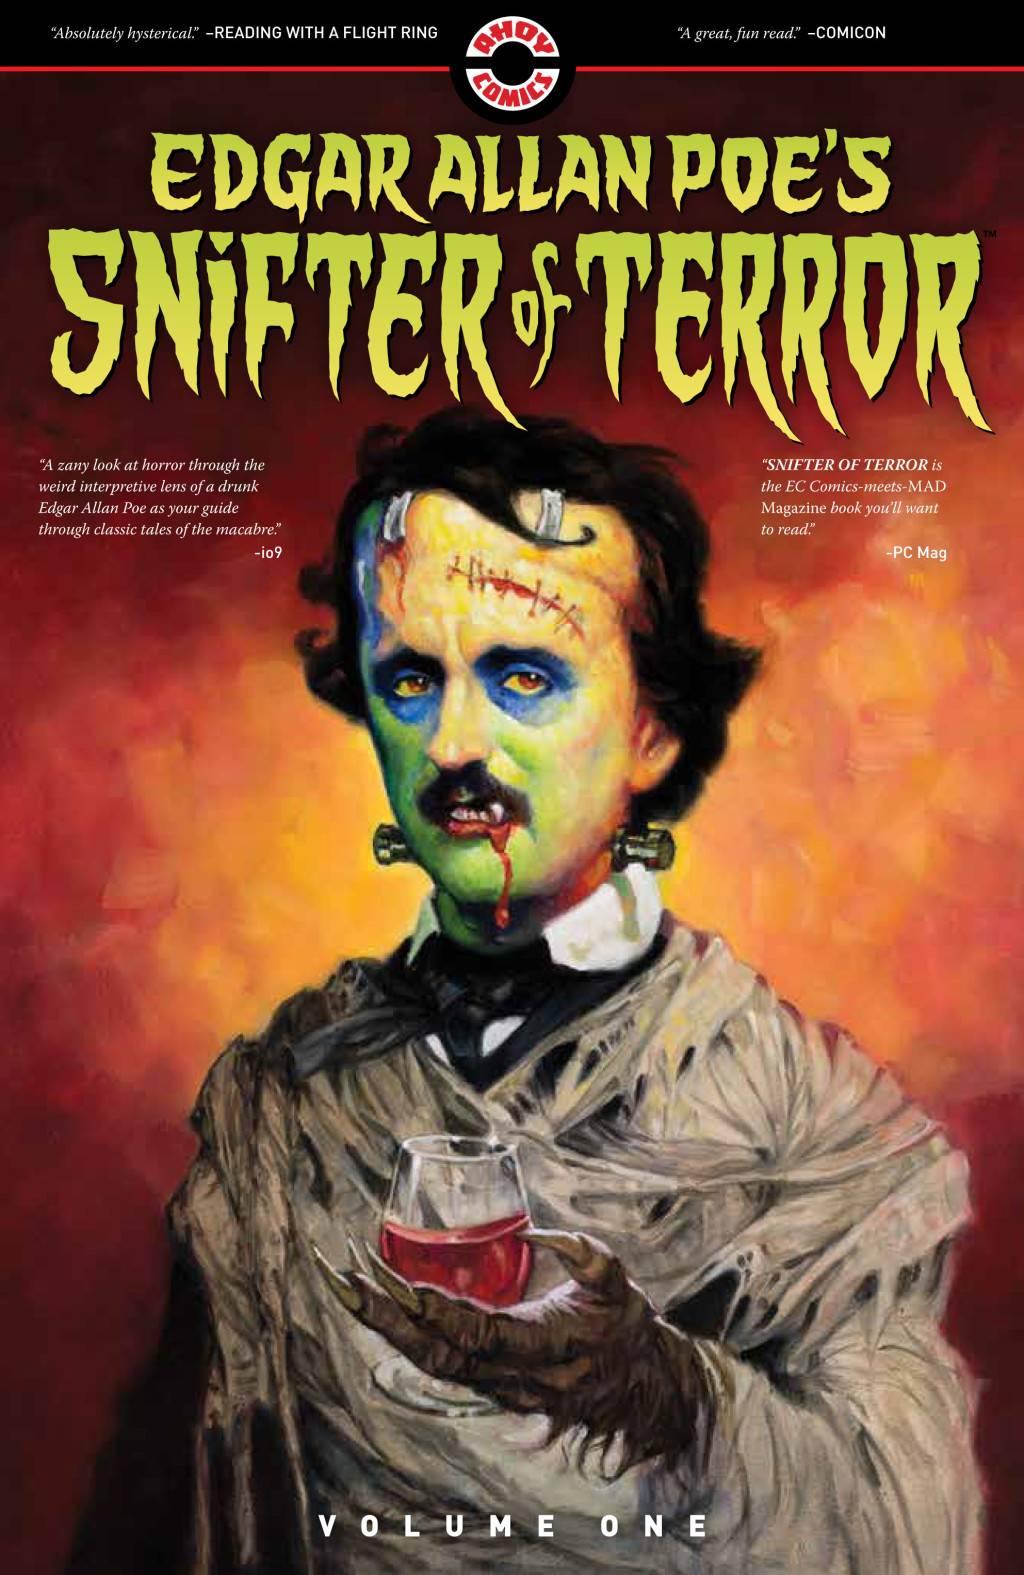 Про Эдгара Аллана По рисуют очень странные комиксы из серии Snifter Of Terror. Вот их обложки 5